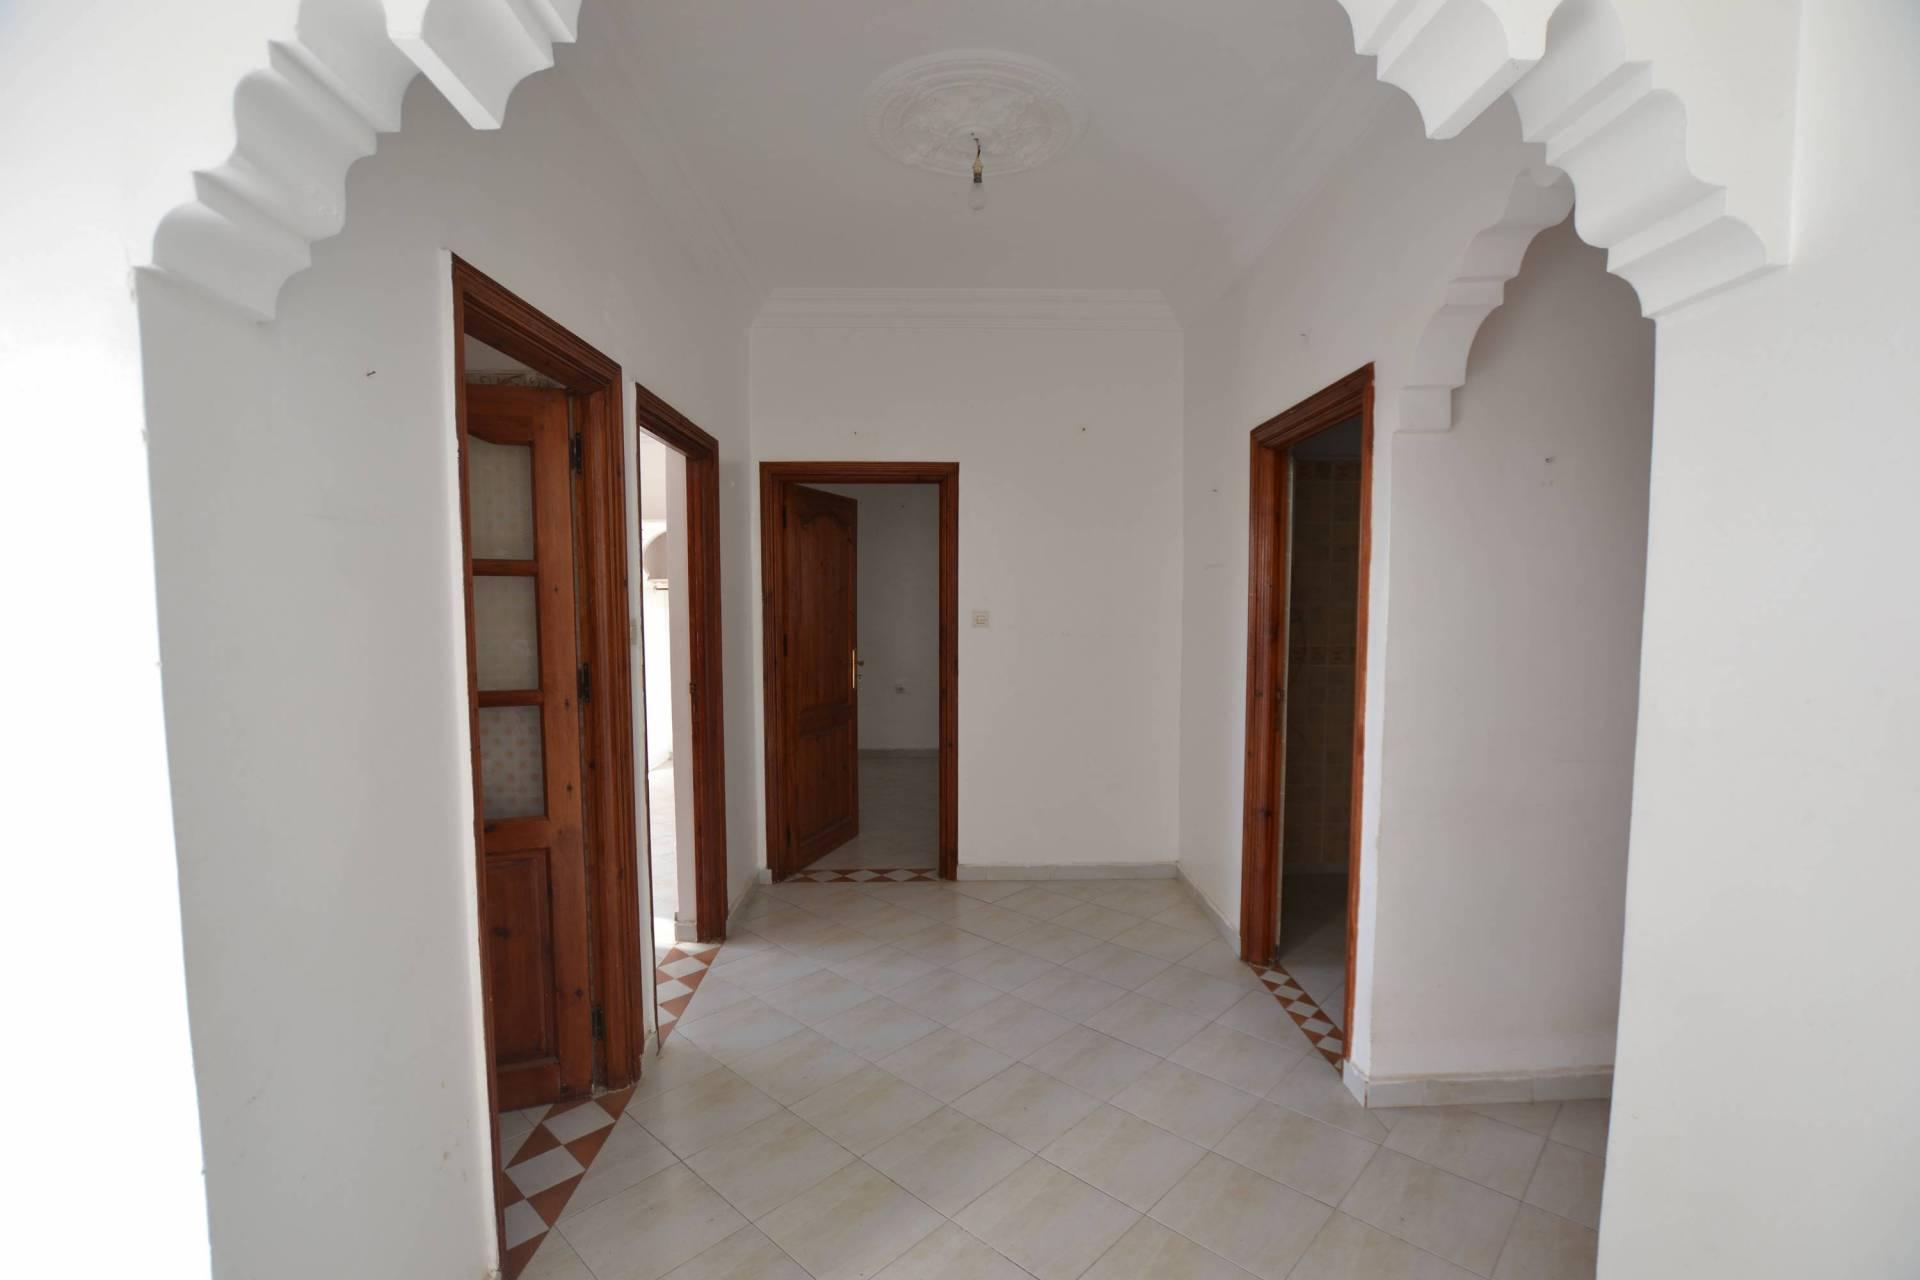 Vente_appartement_essaouira02